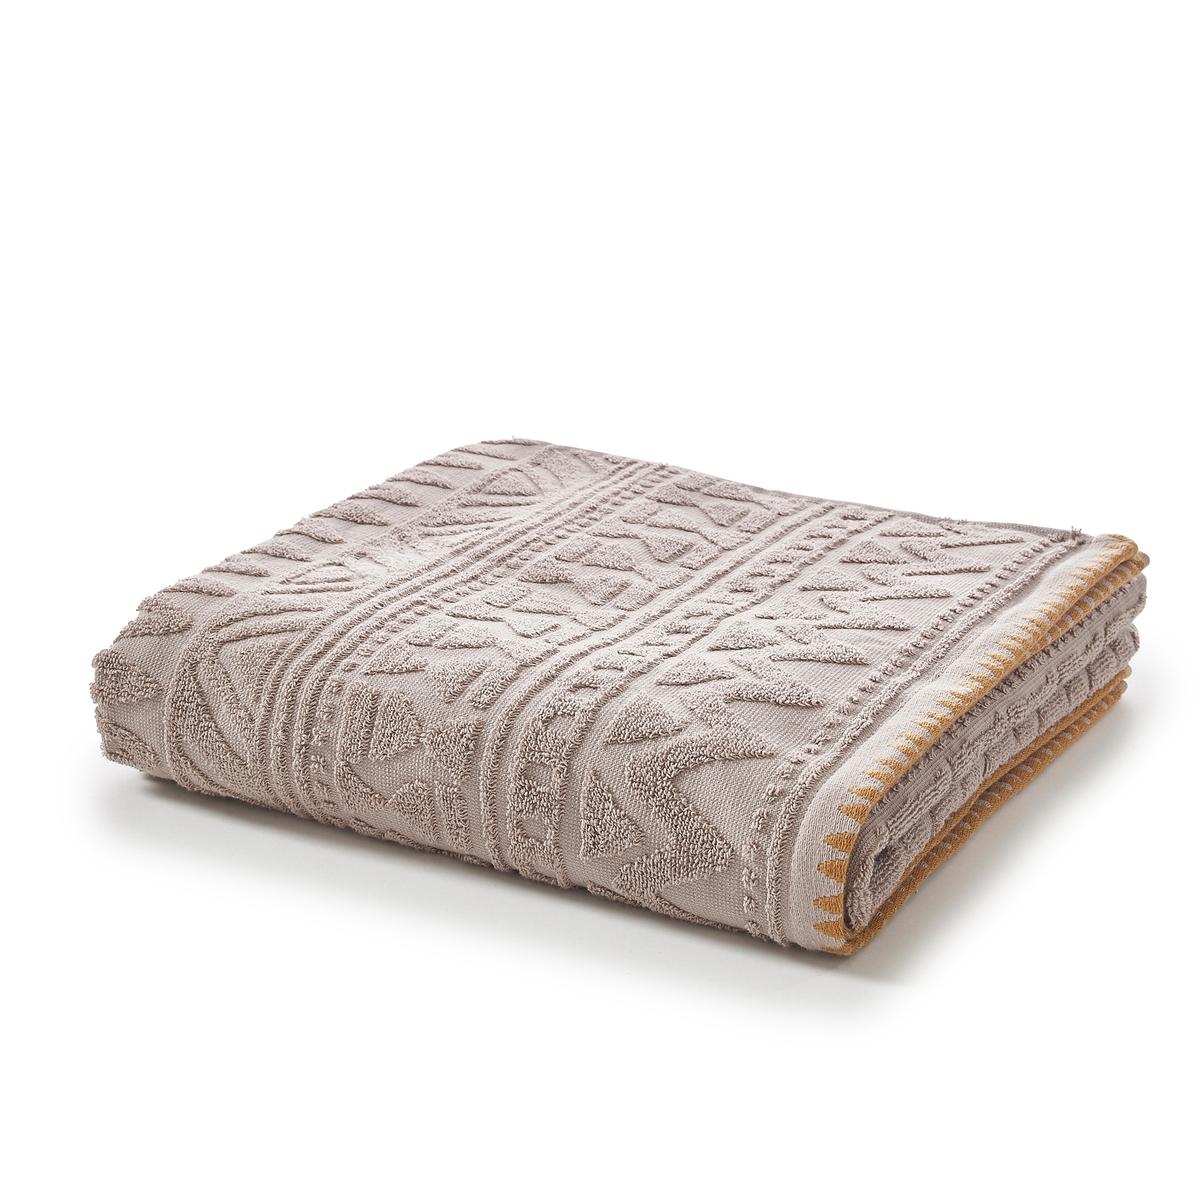 Полотенце банное большое из жаккардовой махровой ткани, Lima полотенце в полоску из махровой ткани agnès b